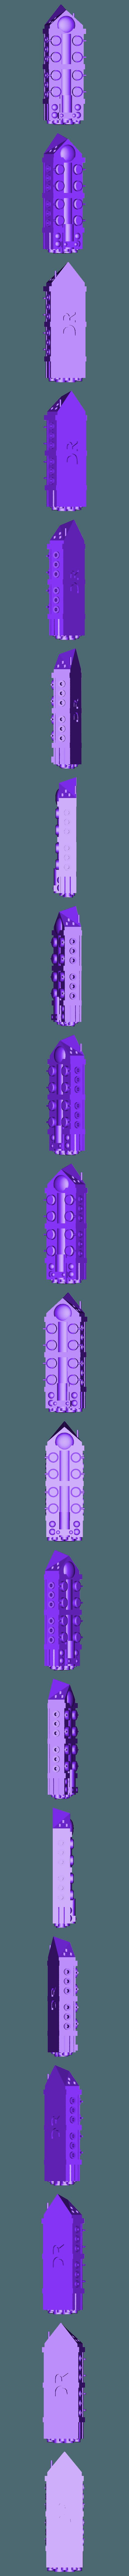 Dreadnought.stl Télécharger fichier STL gratuit Pièces de jeu de vaisseau spatial • Design pour impression 3D, Onyxia